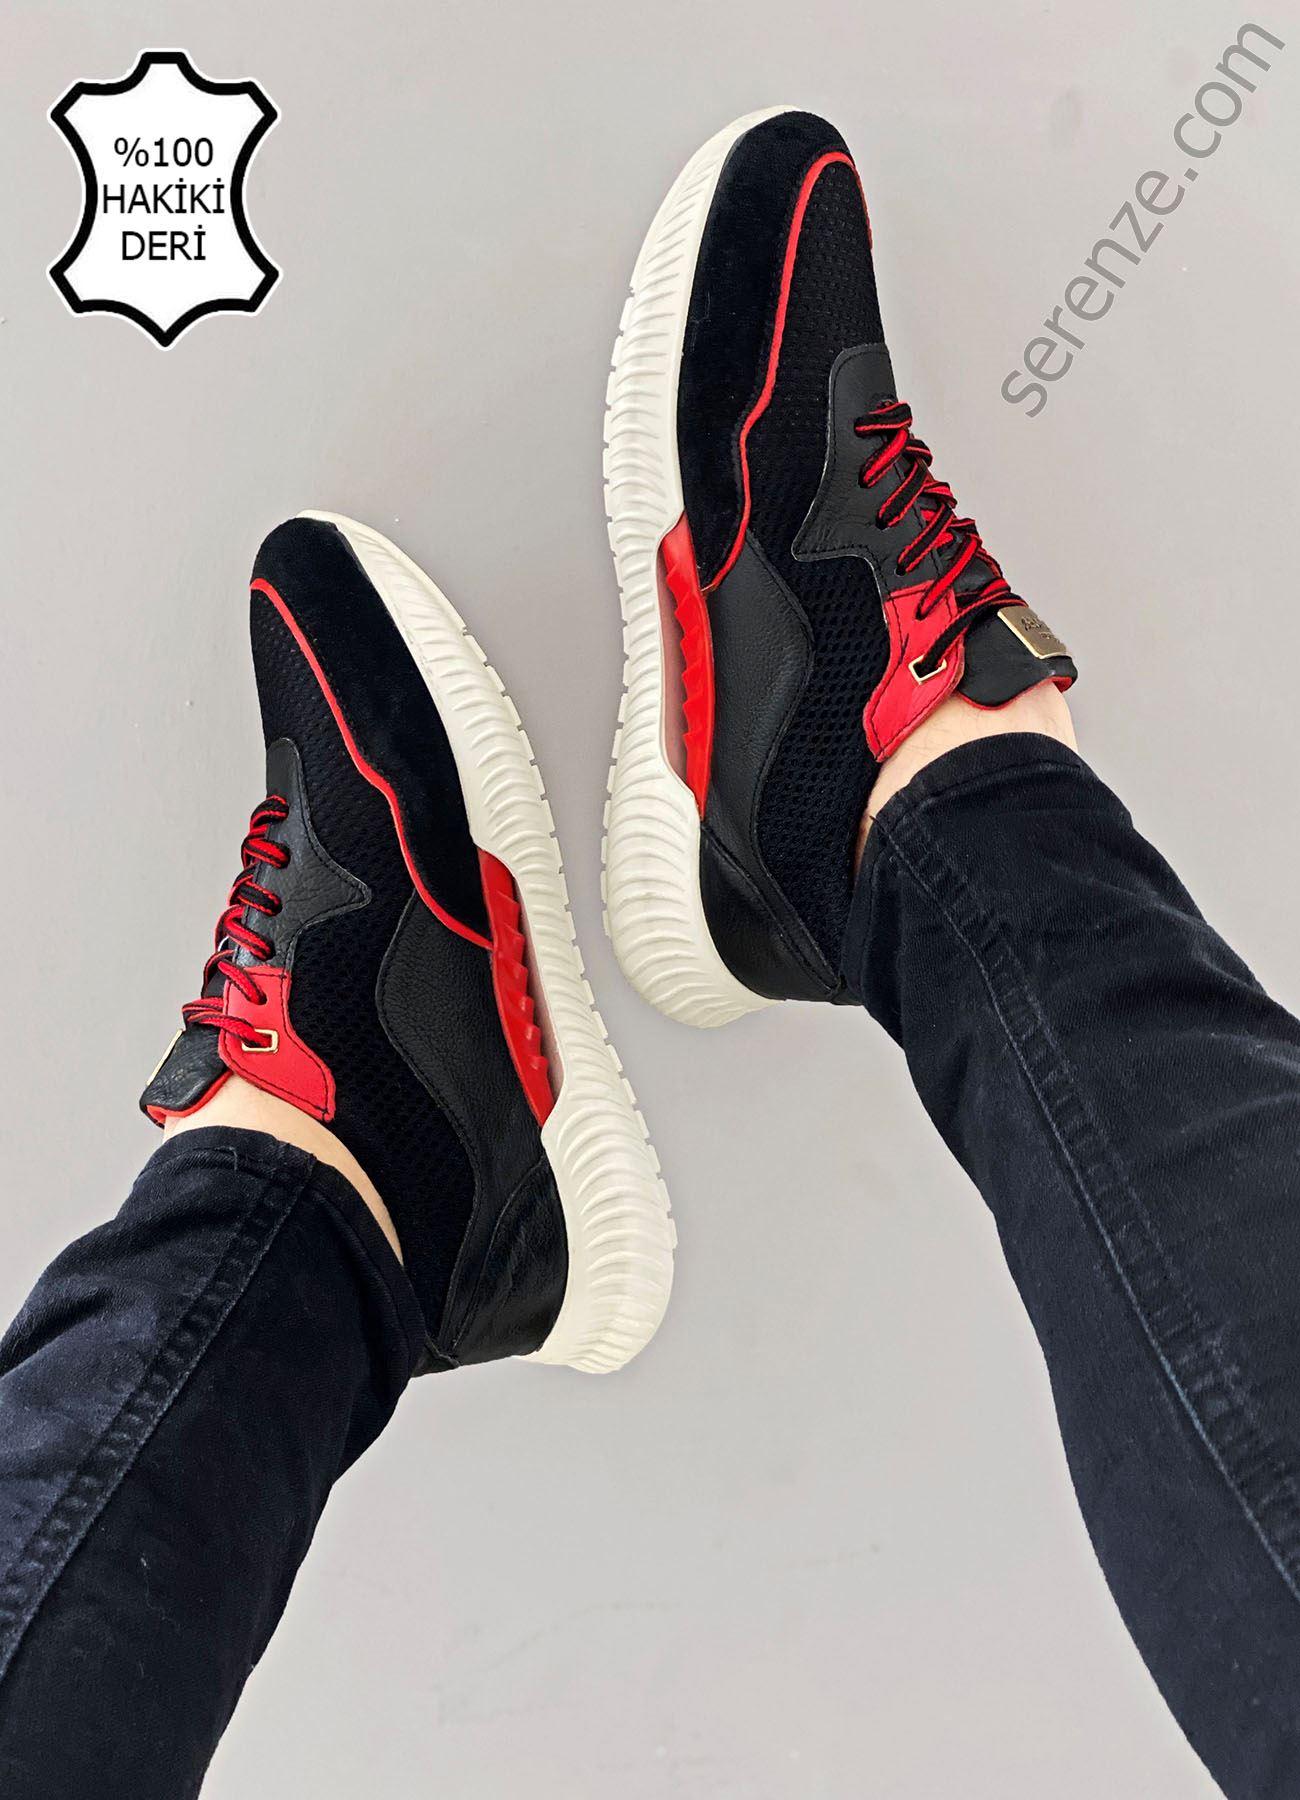 Siyah Kırmızı Hakiki Deri Erkek Spor Ayakkabı